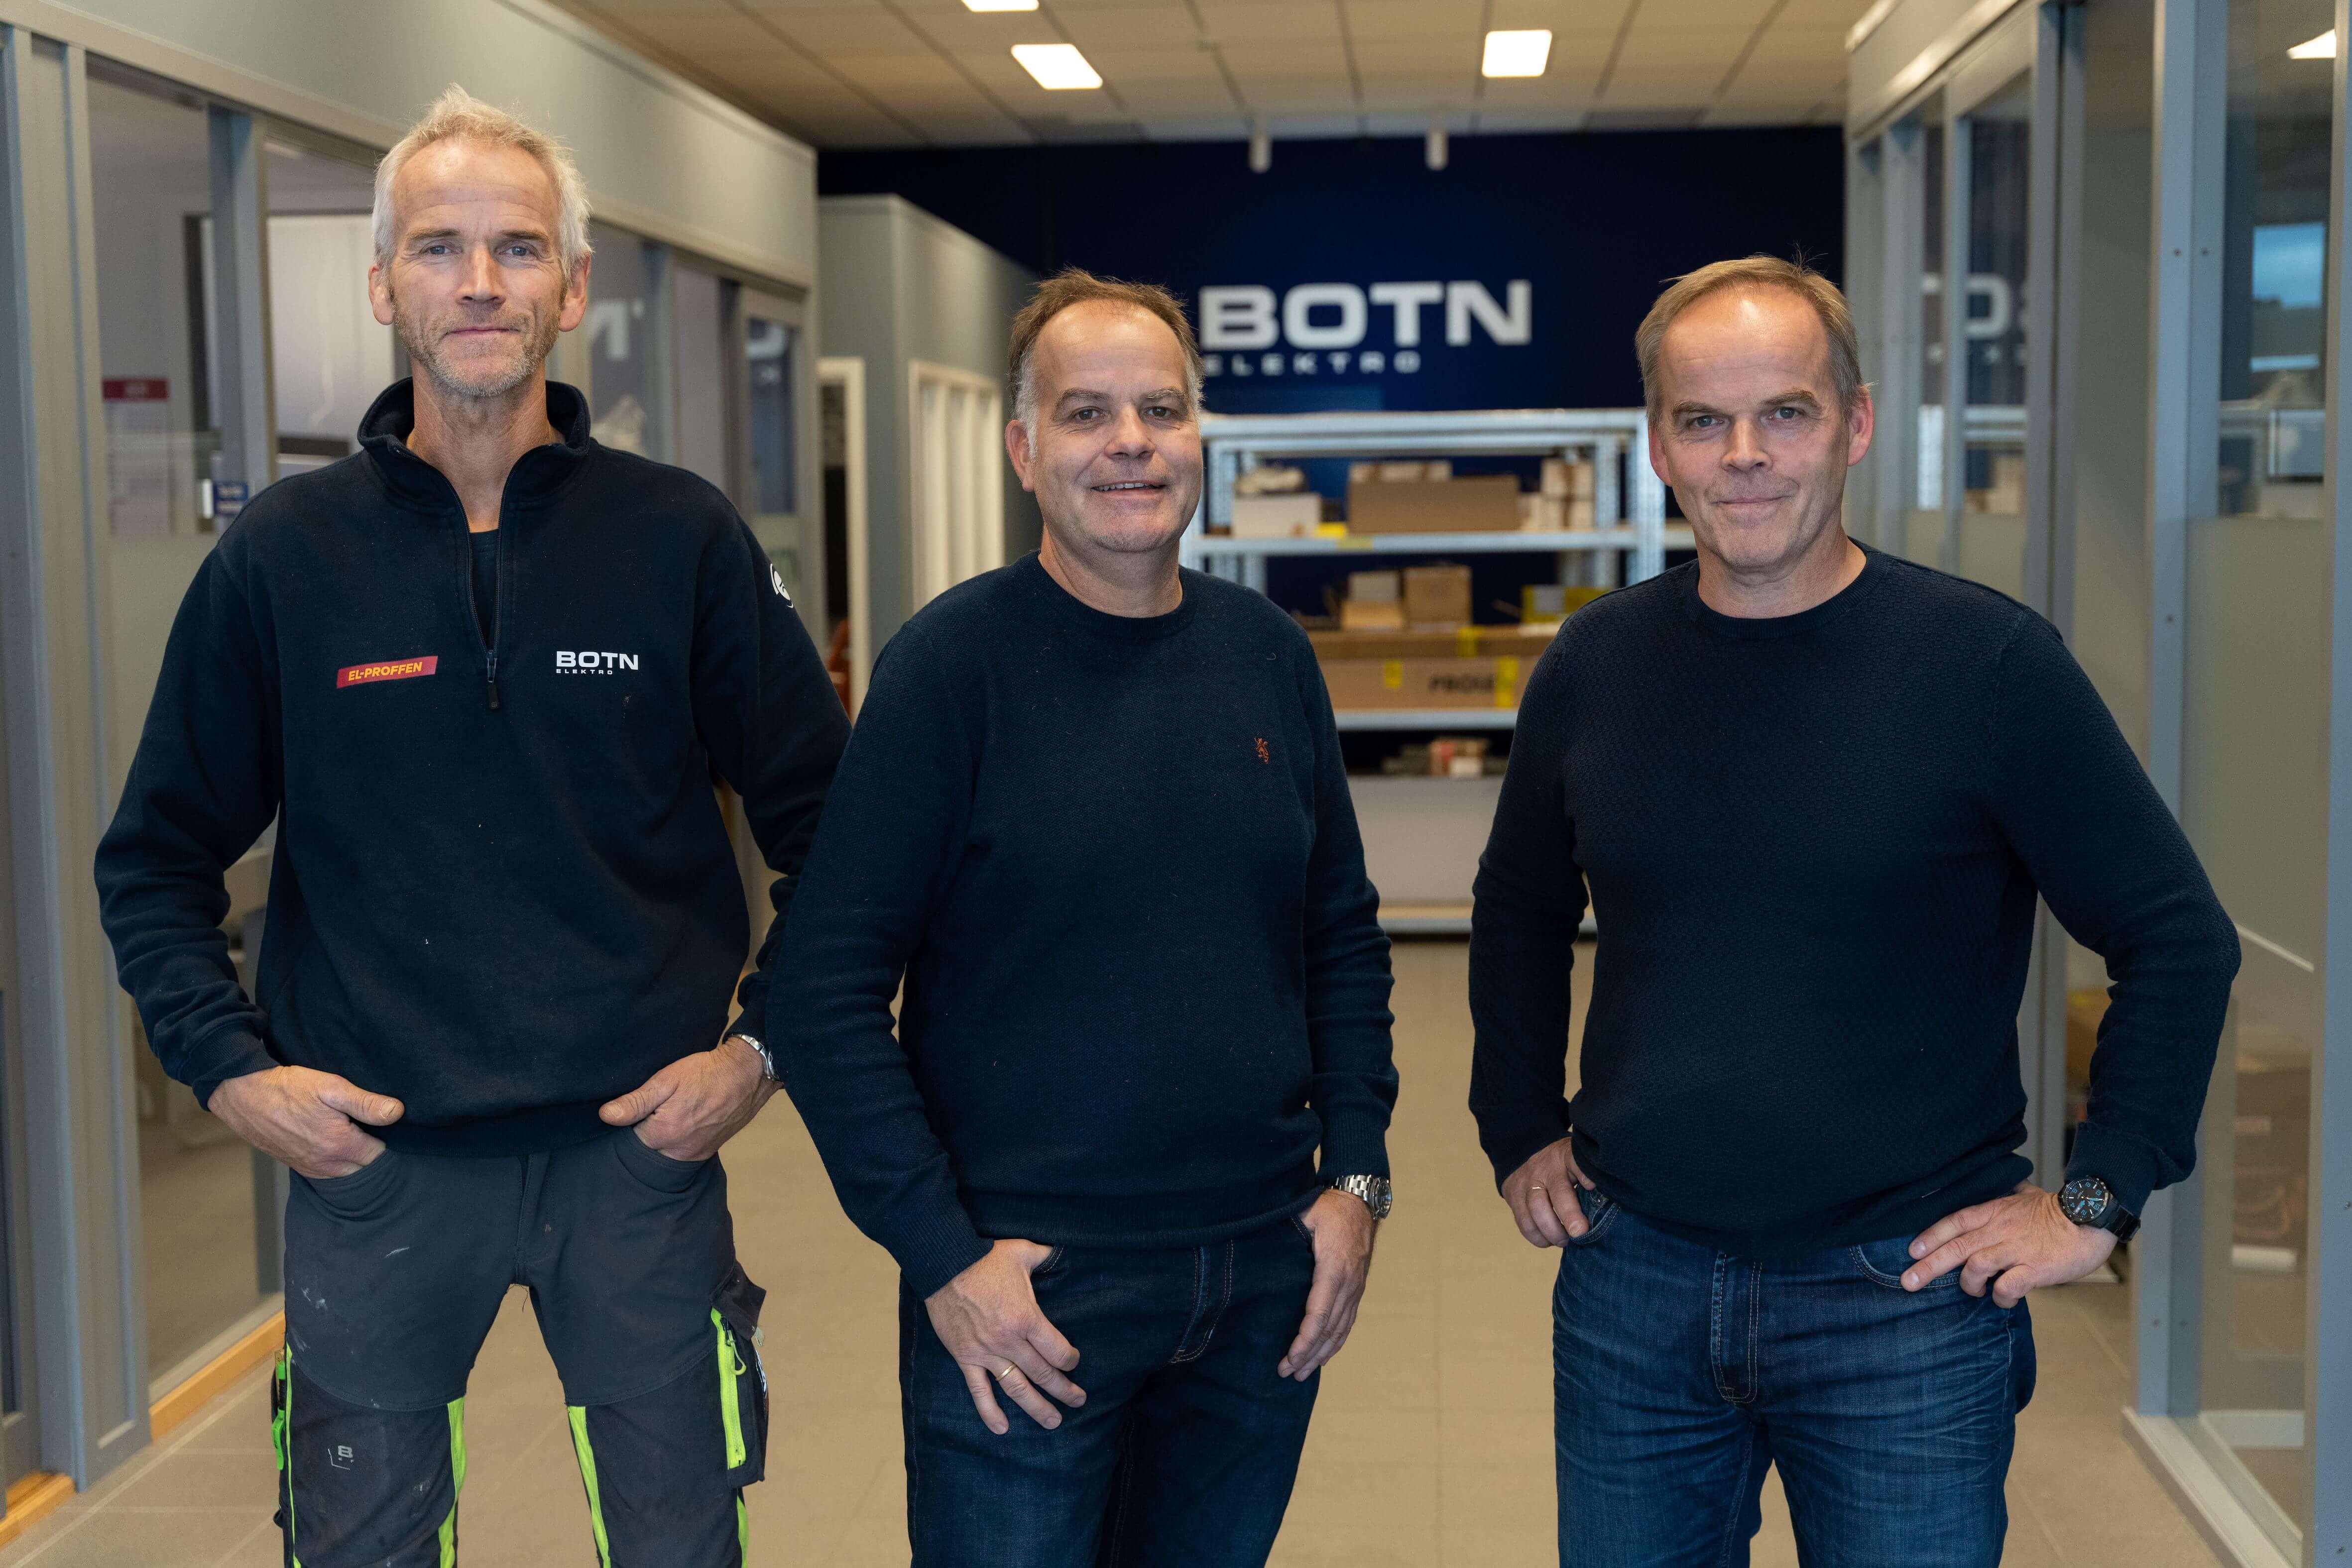 DE TRE BRØDRENE: I dag eier og driver de firmaet faren grunnla. Bedriften har vokst sakte, men sikkert hele veien. Generasjonsskiftet kom da Svein Henning pensjonerte seg i 2008, da endret bedriften navn til Botn Elektro.